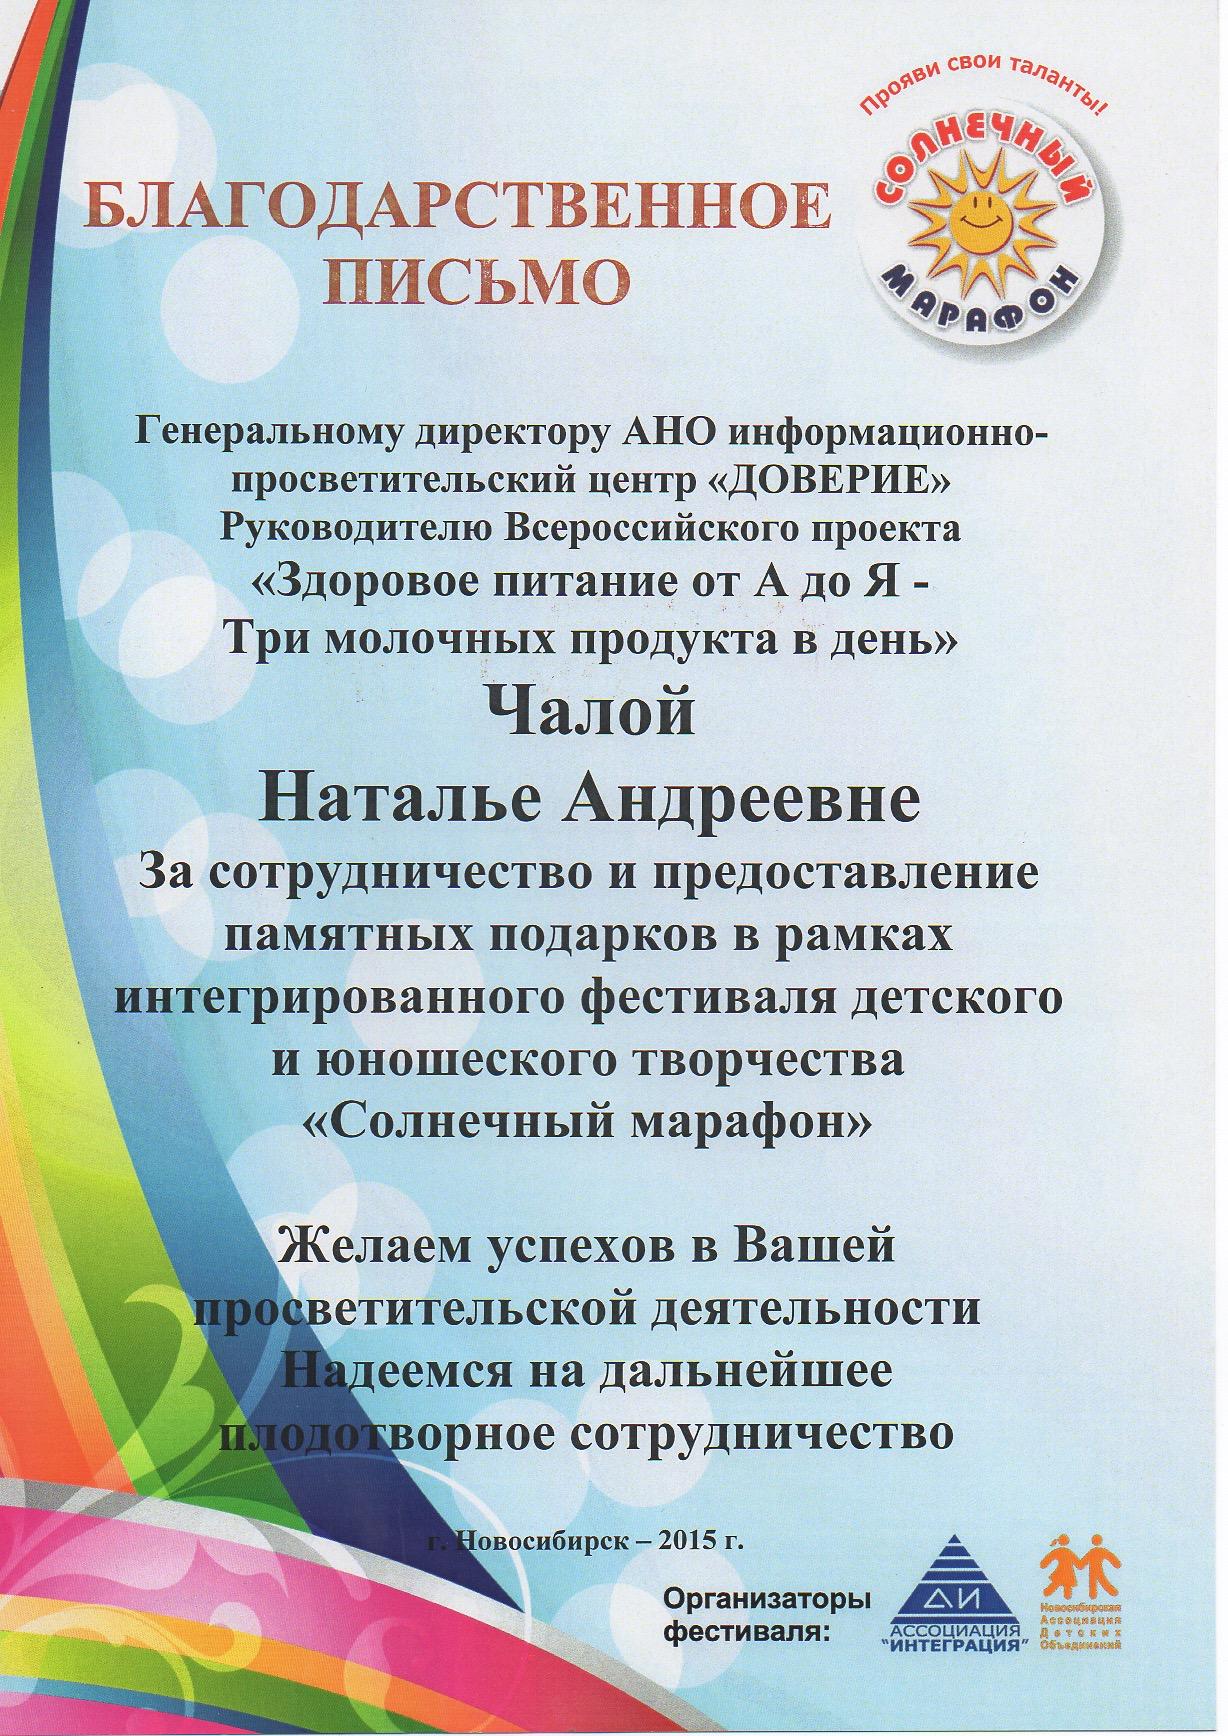 Новосибирск 2015 год